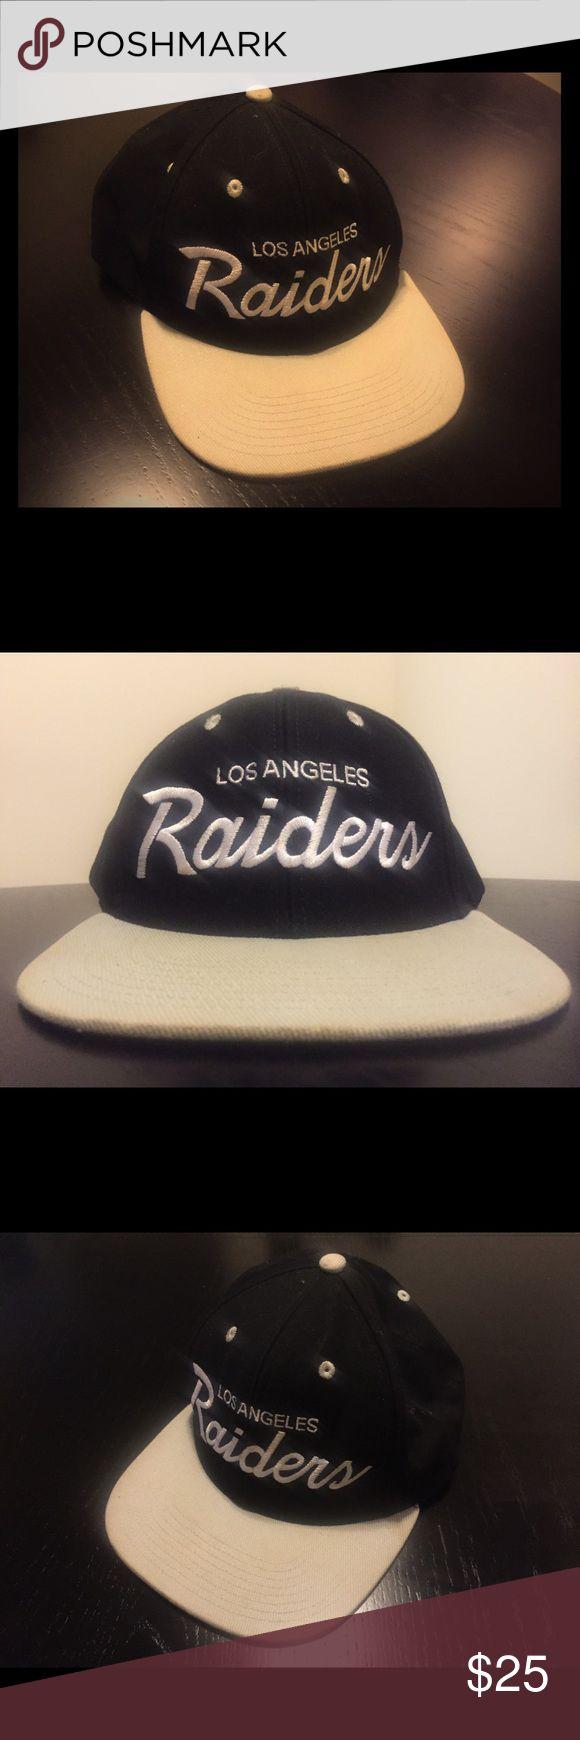 Los Angeles Raiders SnapBack Hat Los Angeles Raiders SnapBack Hat one size fits all Accessories Hats